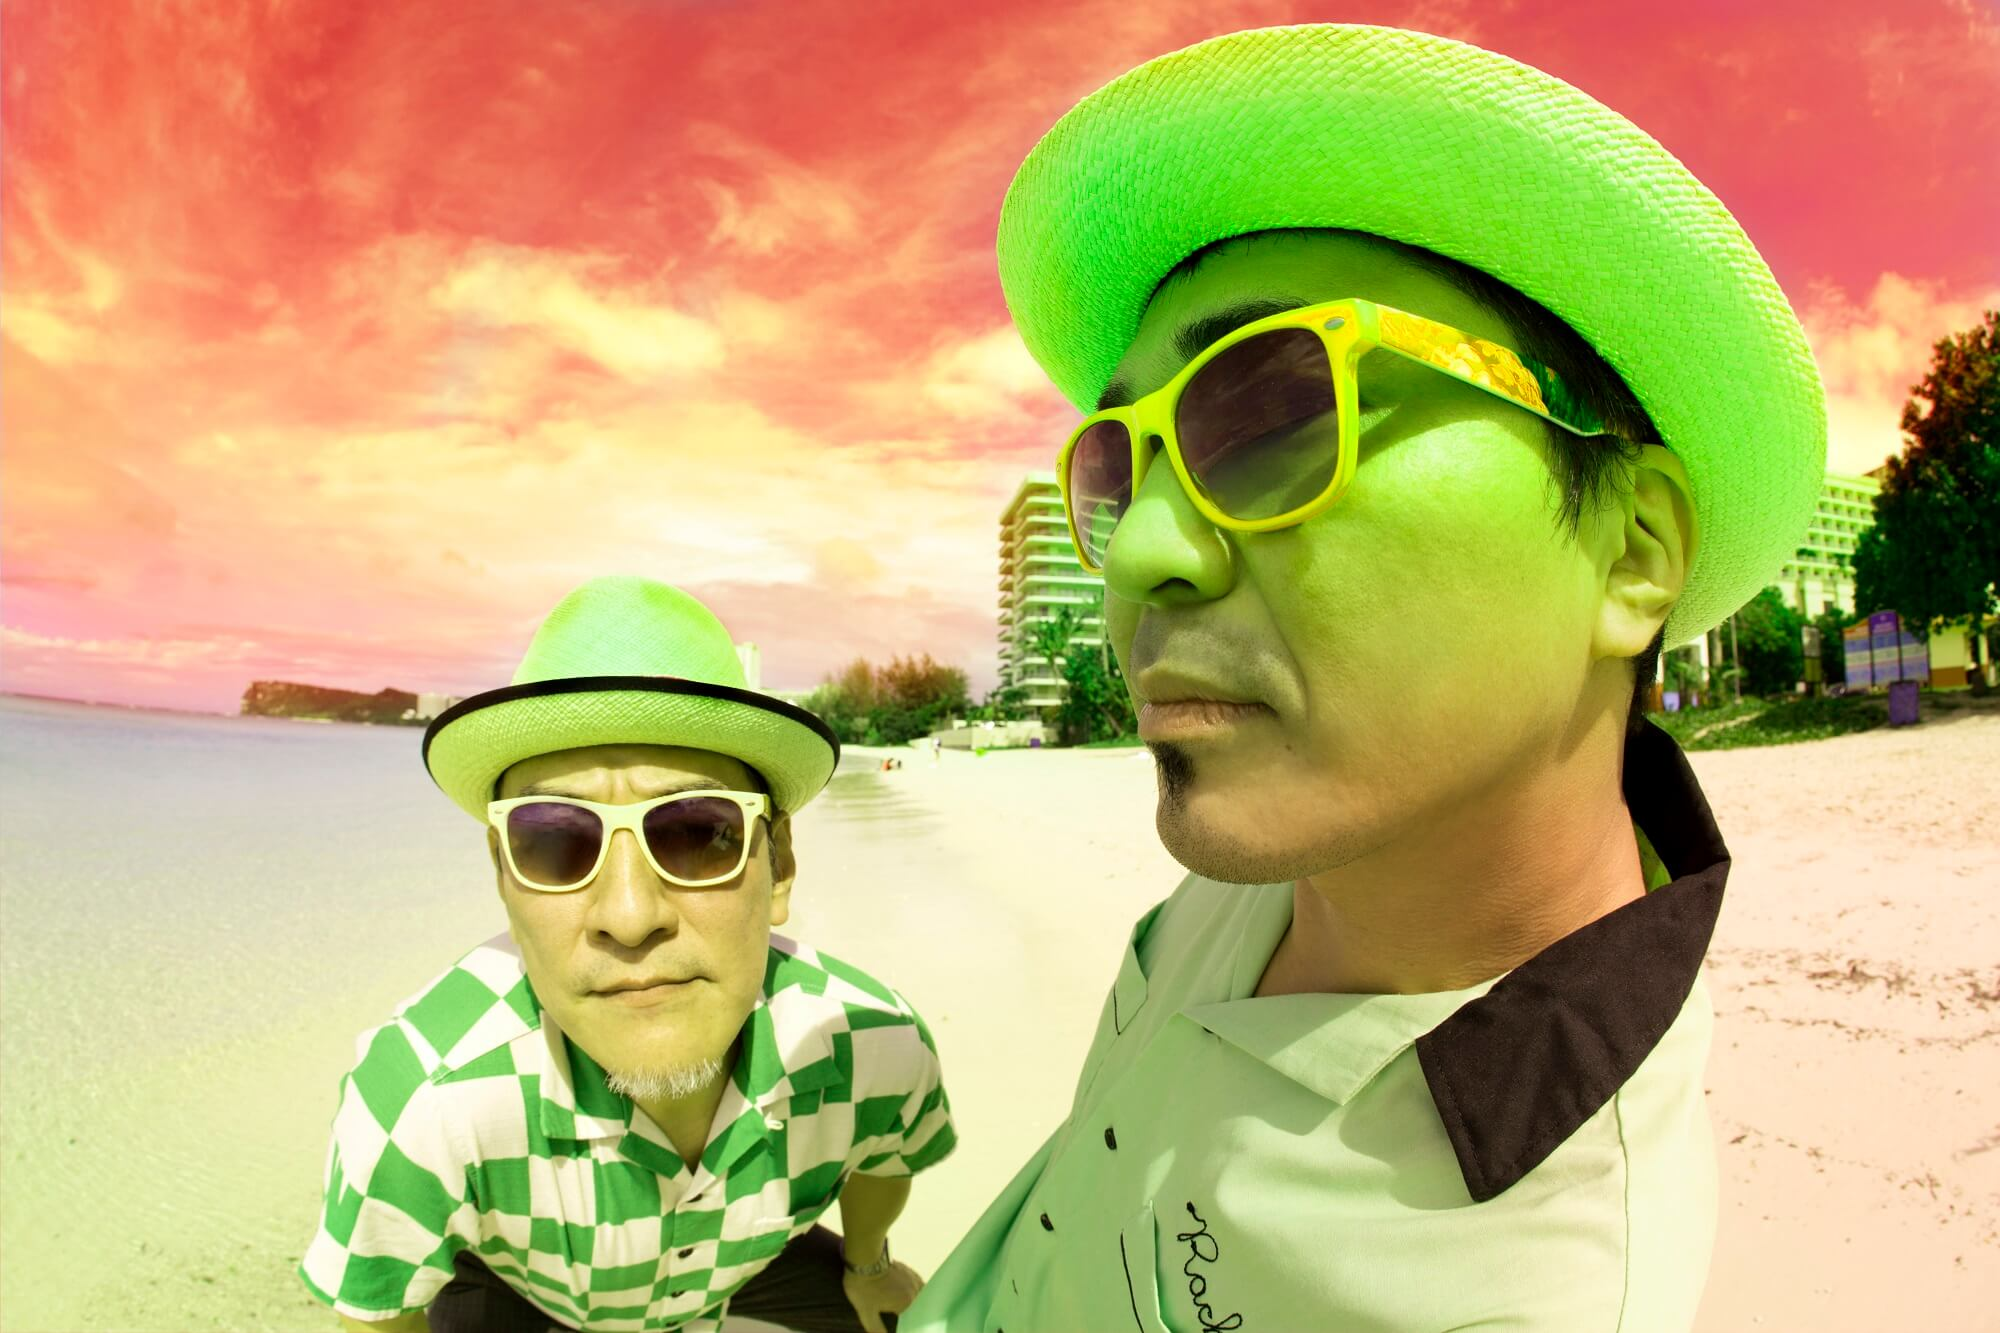 電氣魔軌樂團專輯《30》曲目公開!「富士山」、「Shangri-La」重新錄製收錄 電氣魔軌樂團、